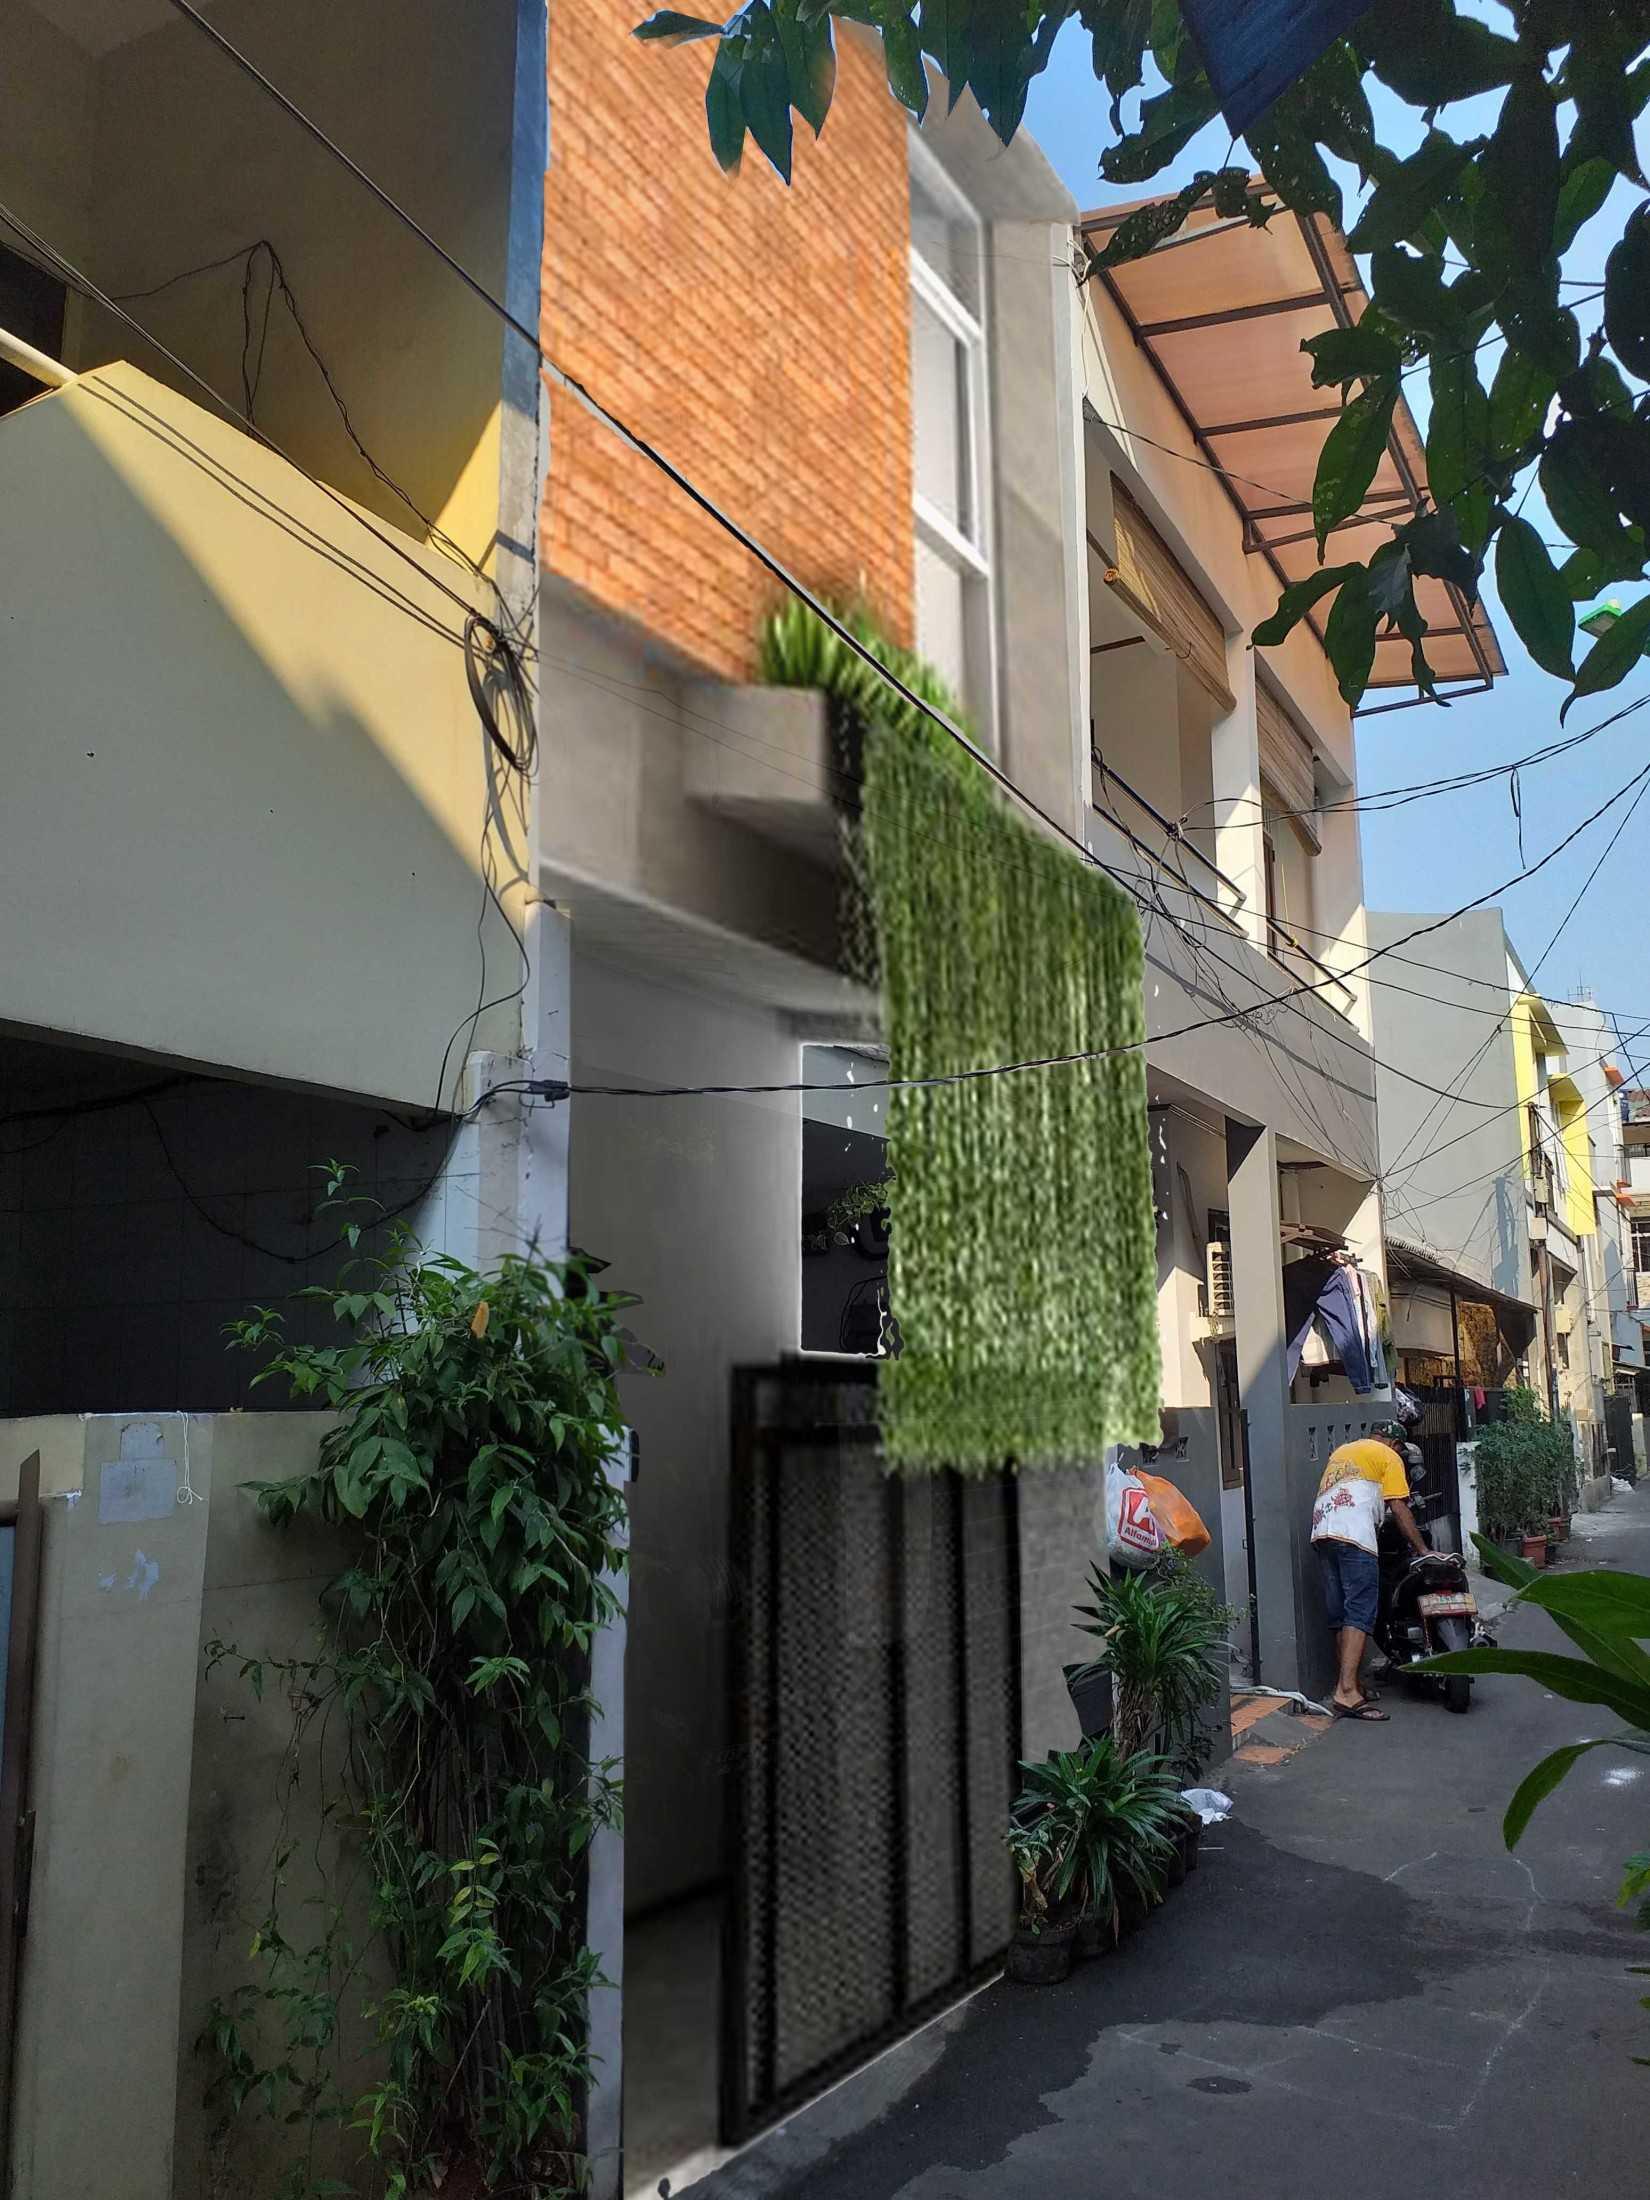 Yasa+ M-House Tj. Duren Utara, Kec. Grogol Petamburan, Kota Jakarta Barat, Daerah Khusus Ibukota Jakarta, Indonesia Tj. Duren Utara, Kec. Grogol Petamburan, Kota Jakarta Barat, Daerah Khusus Ibukota Jakarta, Indonesia Tampak Depan Rumah Tropical 92253